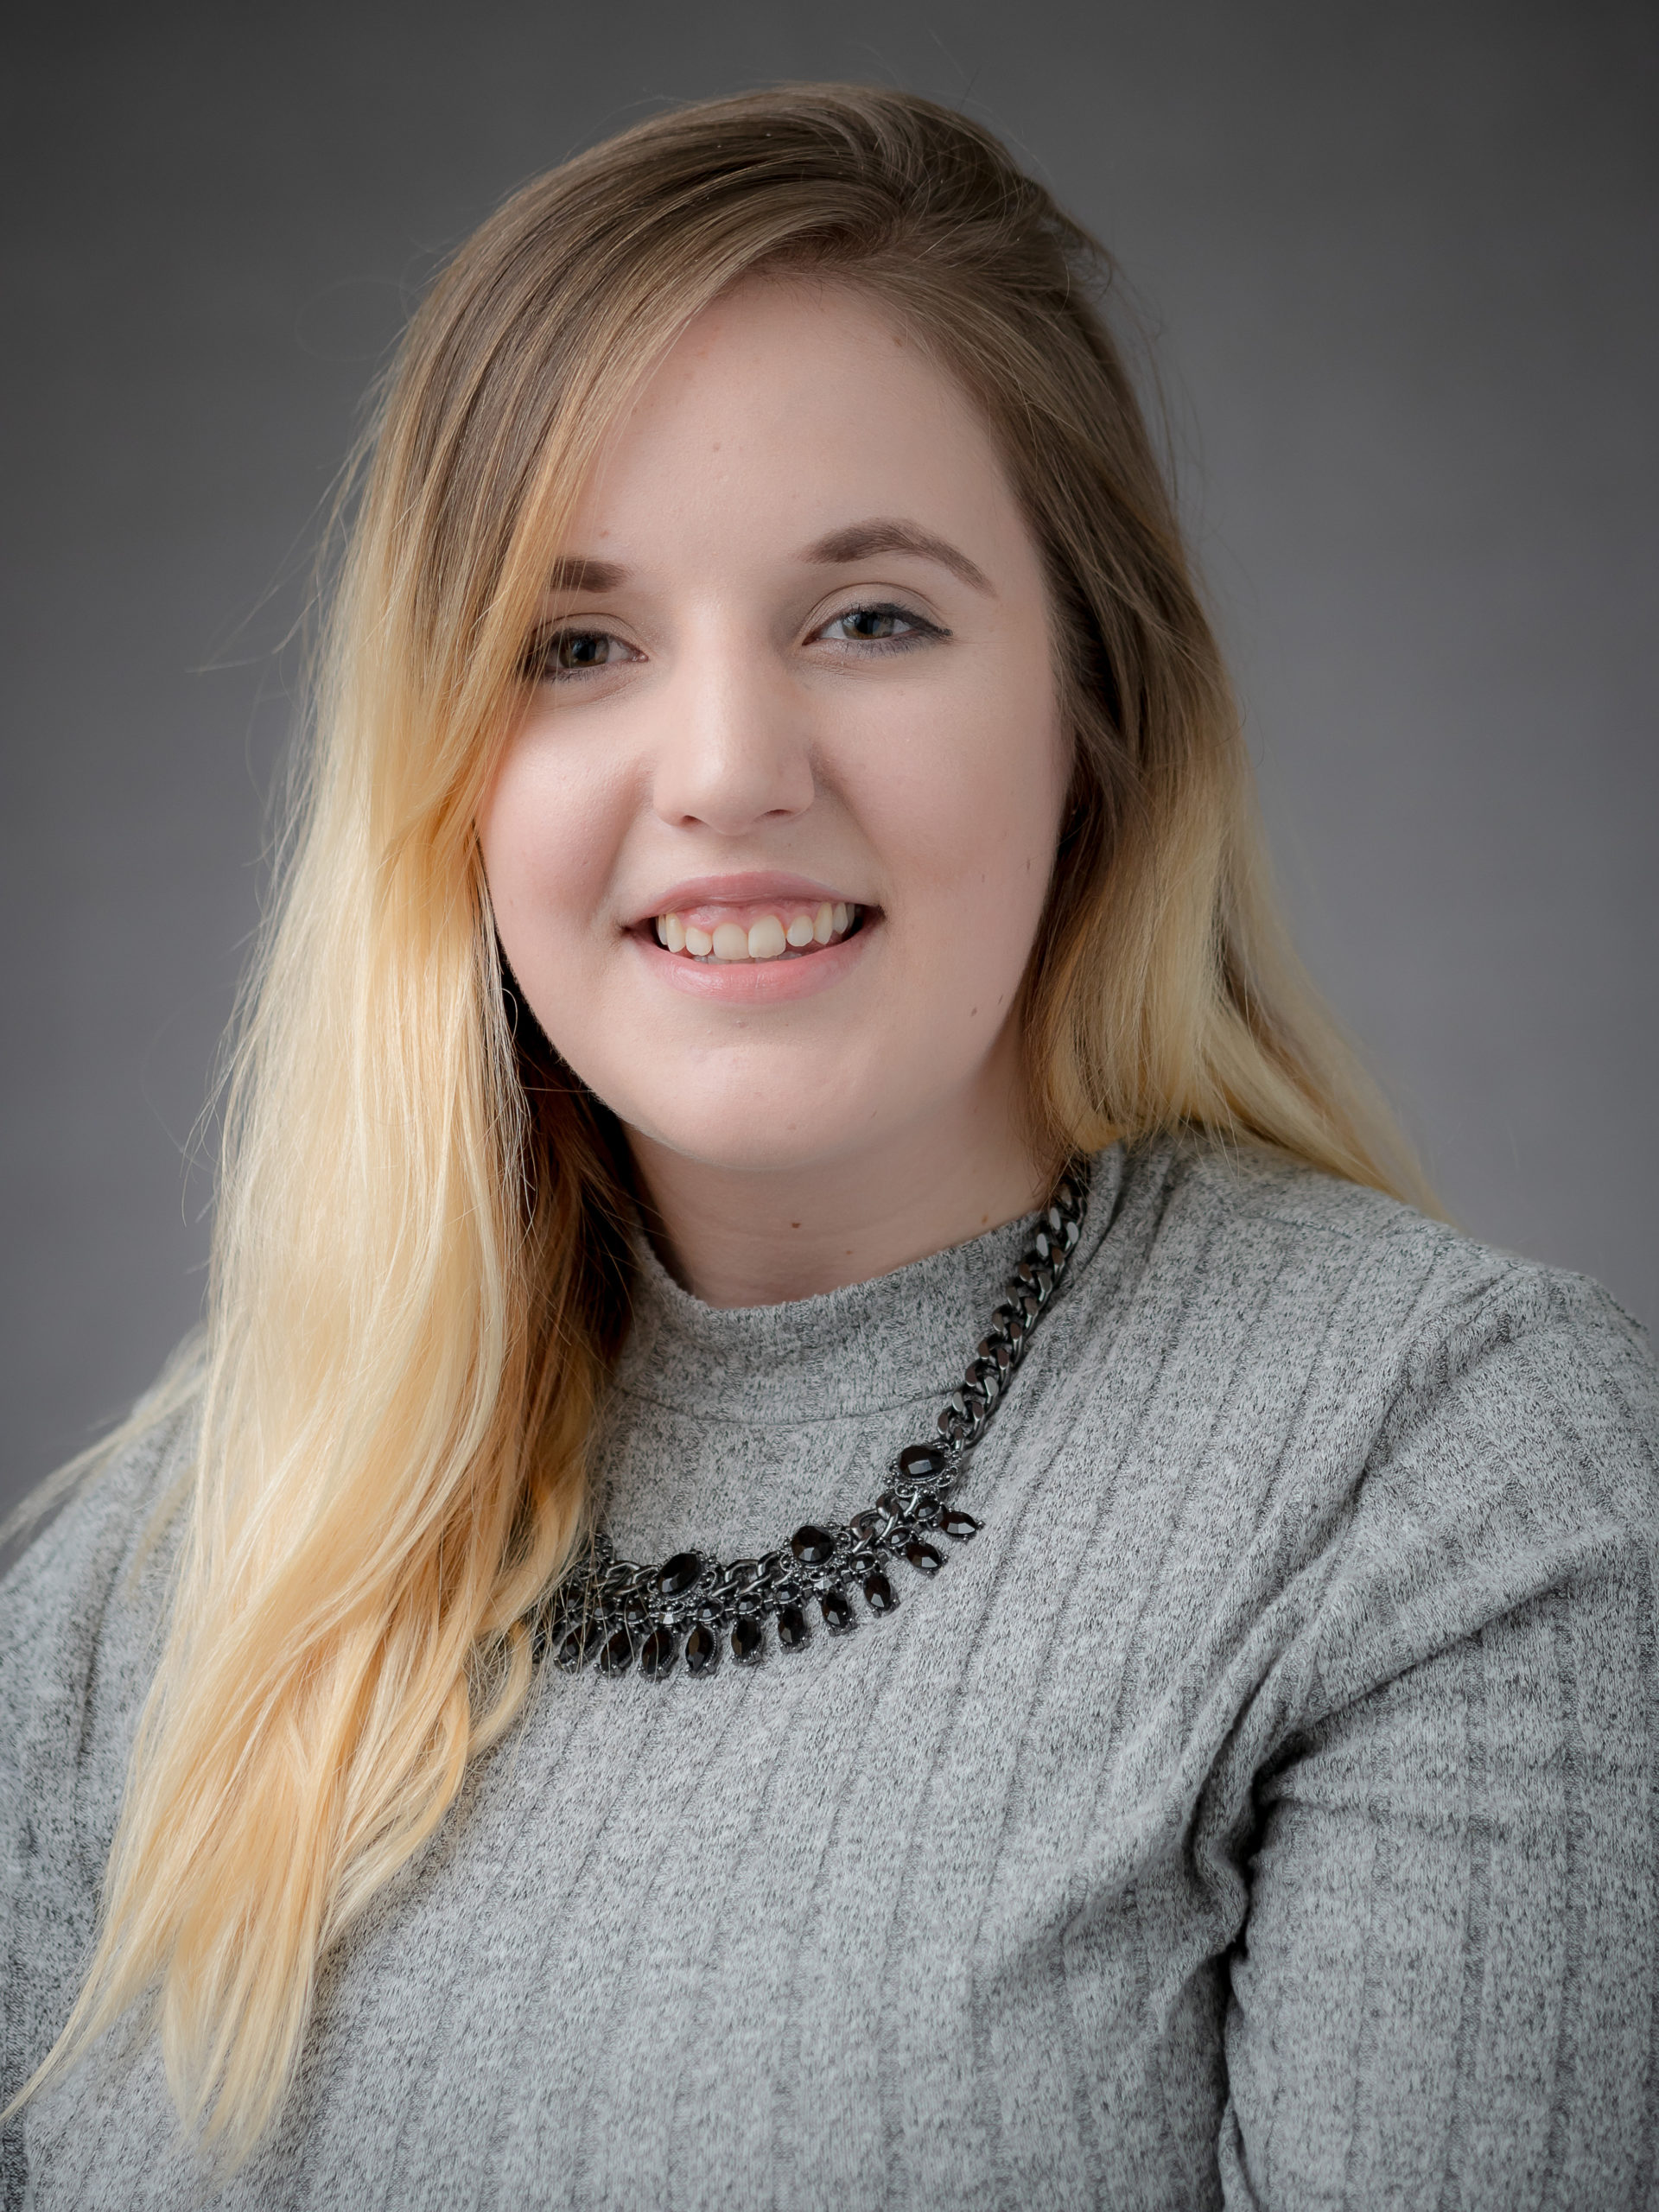 Photo of Megan Kreuziger